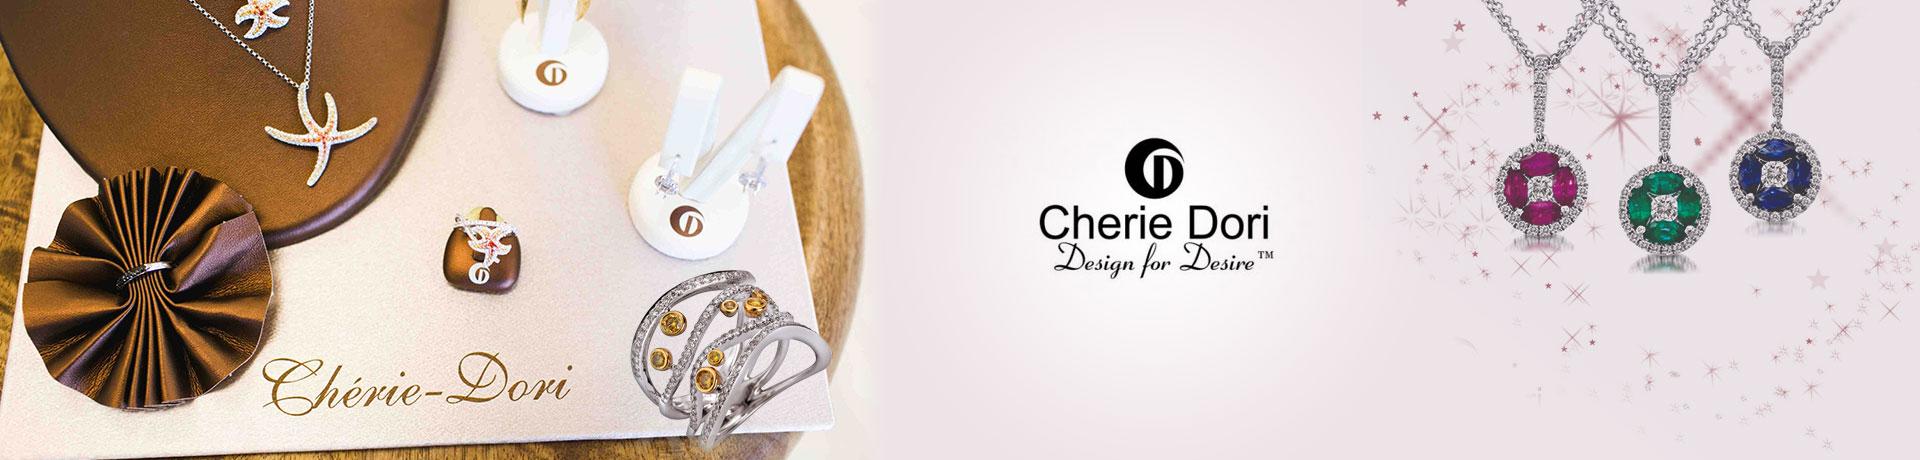 Cherie Dorie